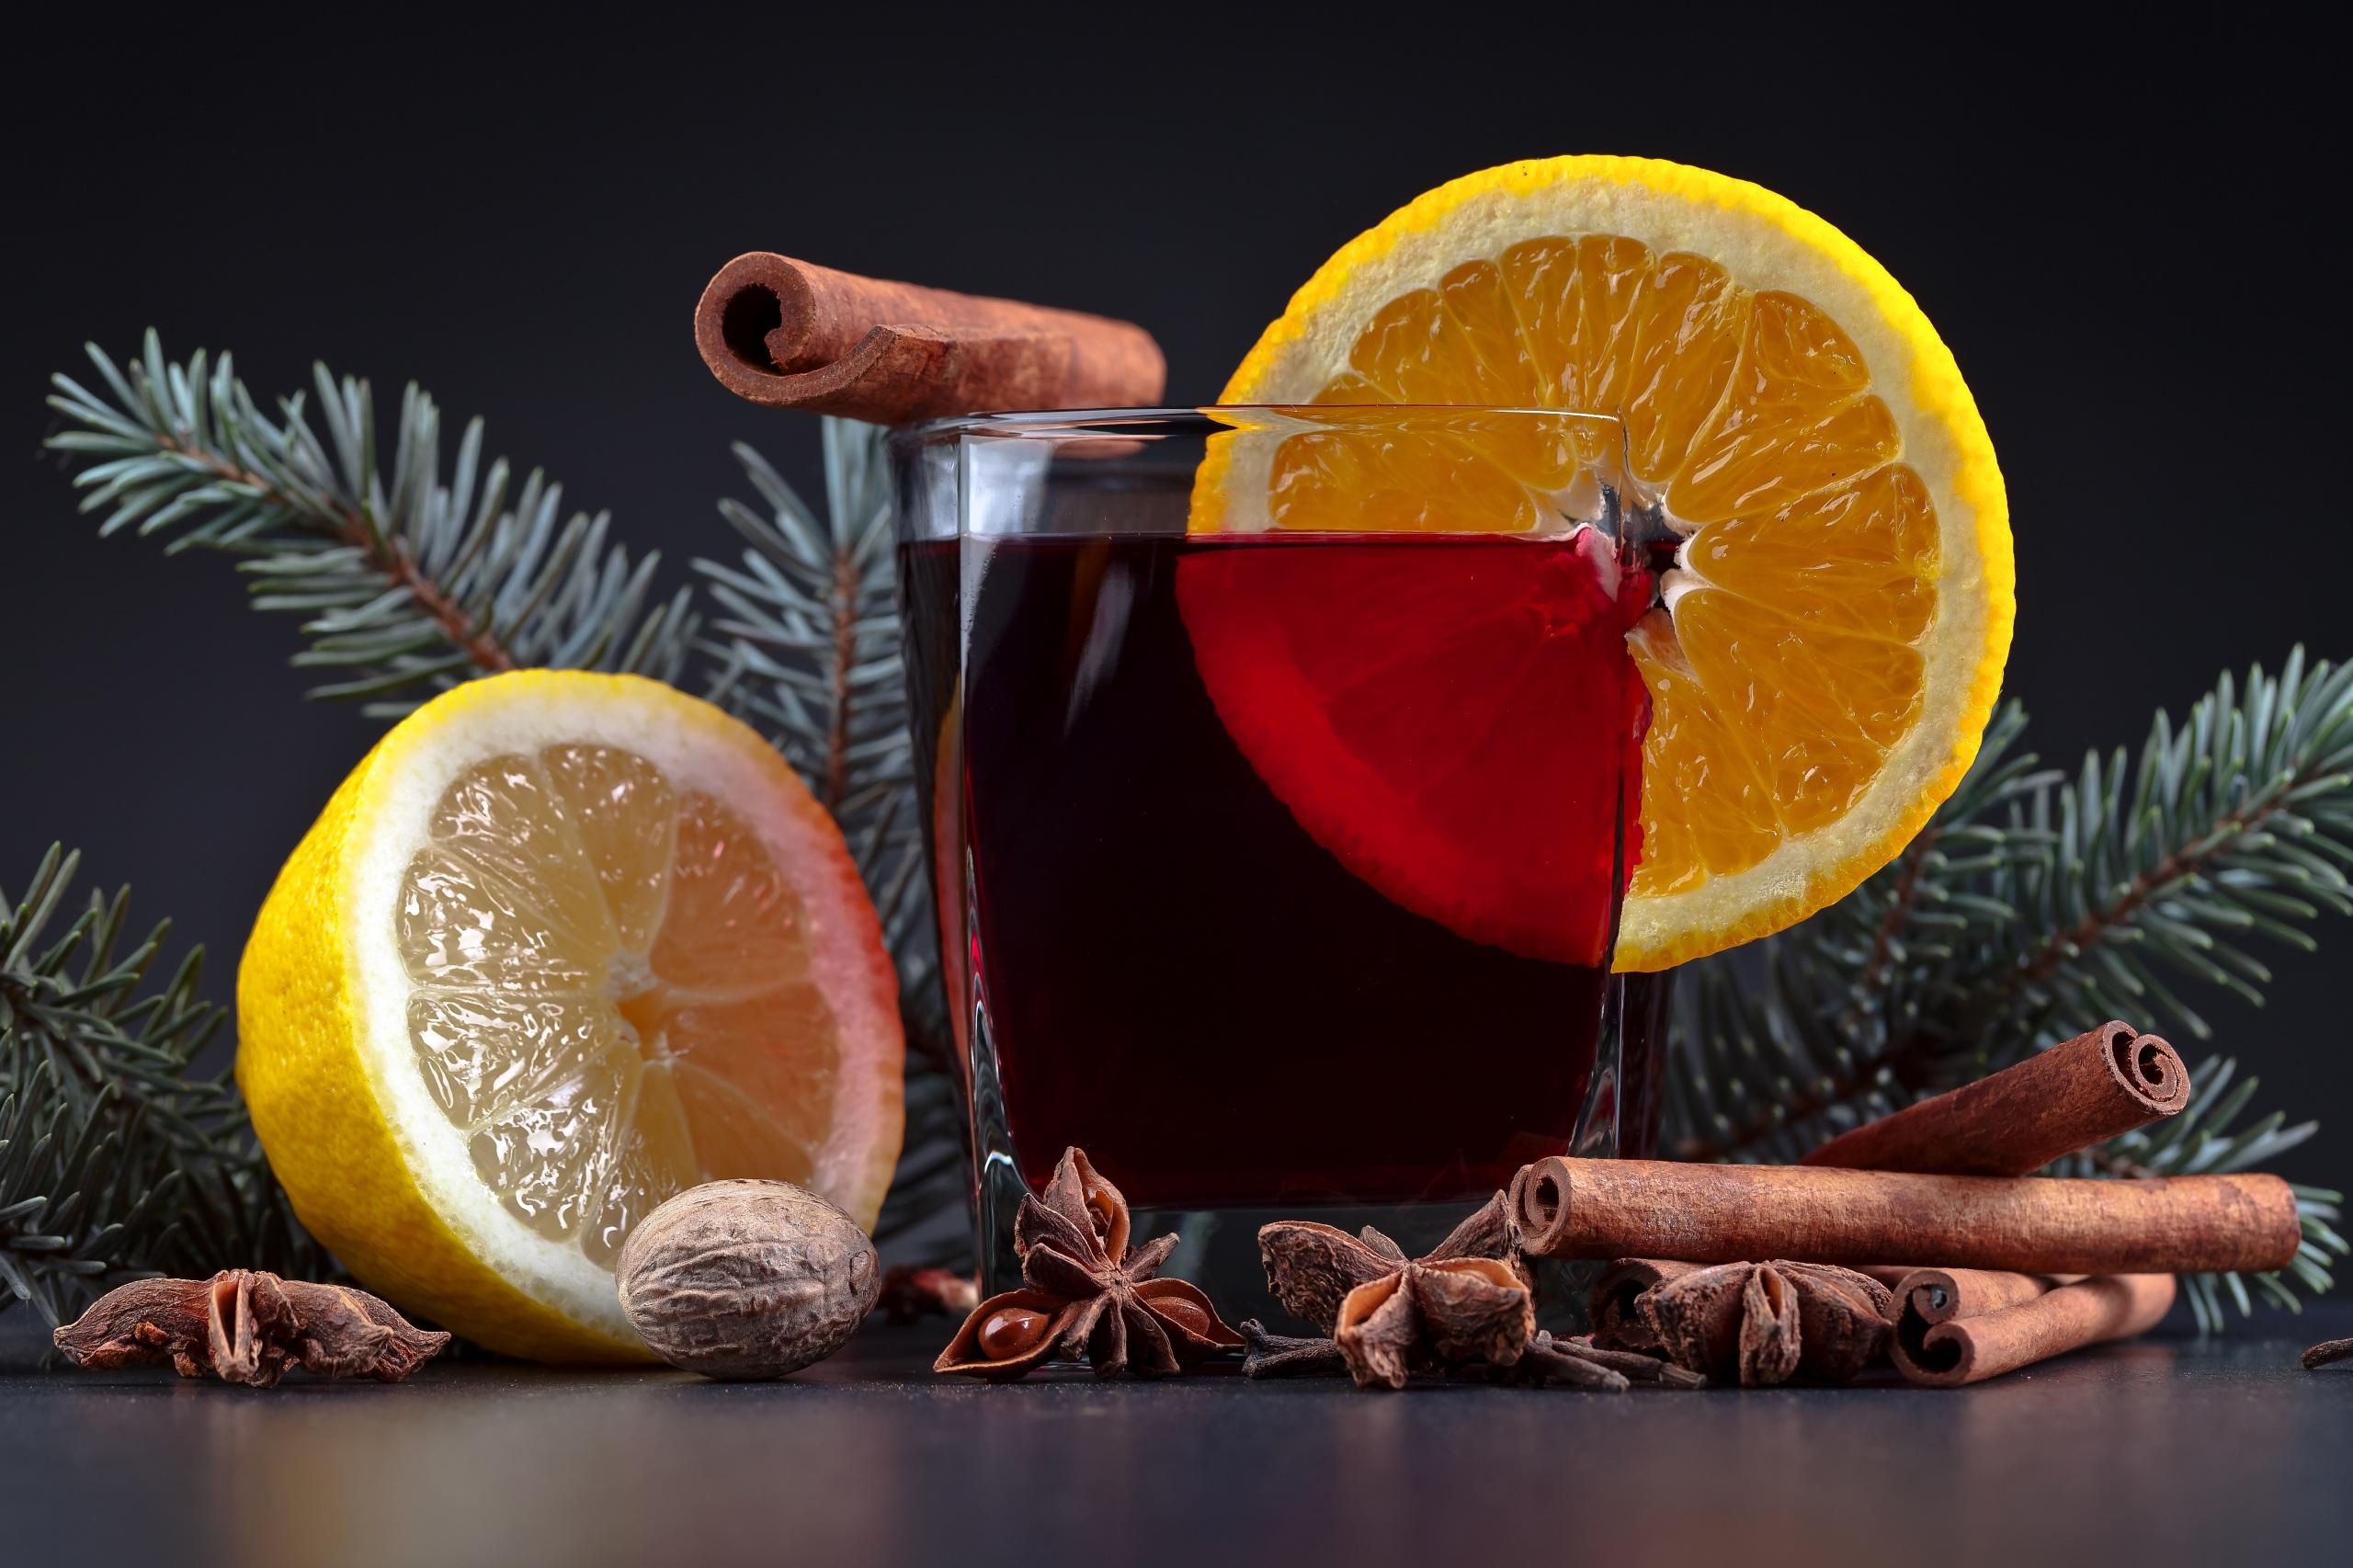 Фотография Новый год Стакан Корица Лимоны Пища Напитки 2560x1706 Рождество стакана стакане Еда Продукты питания